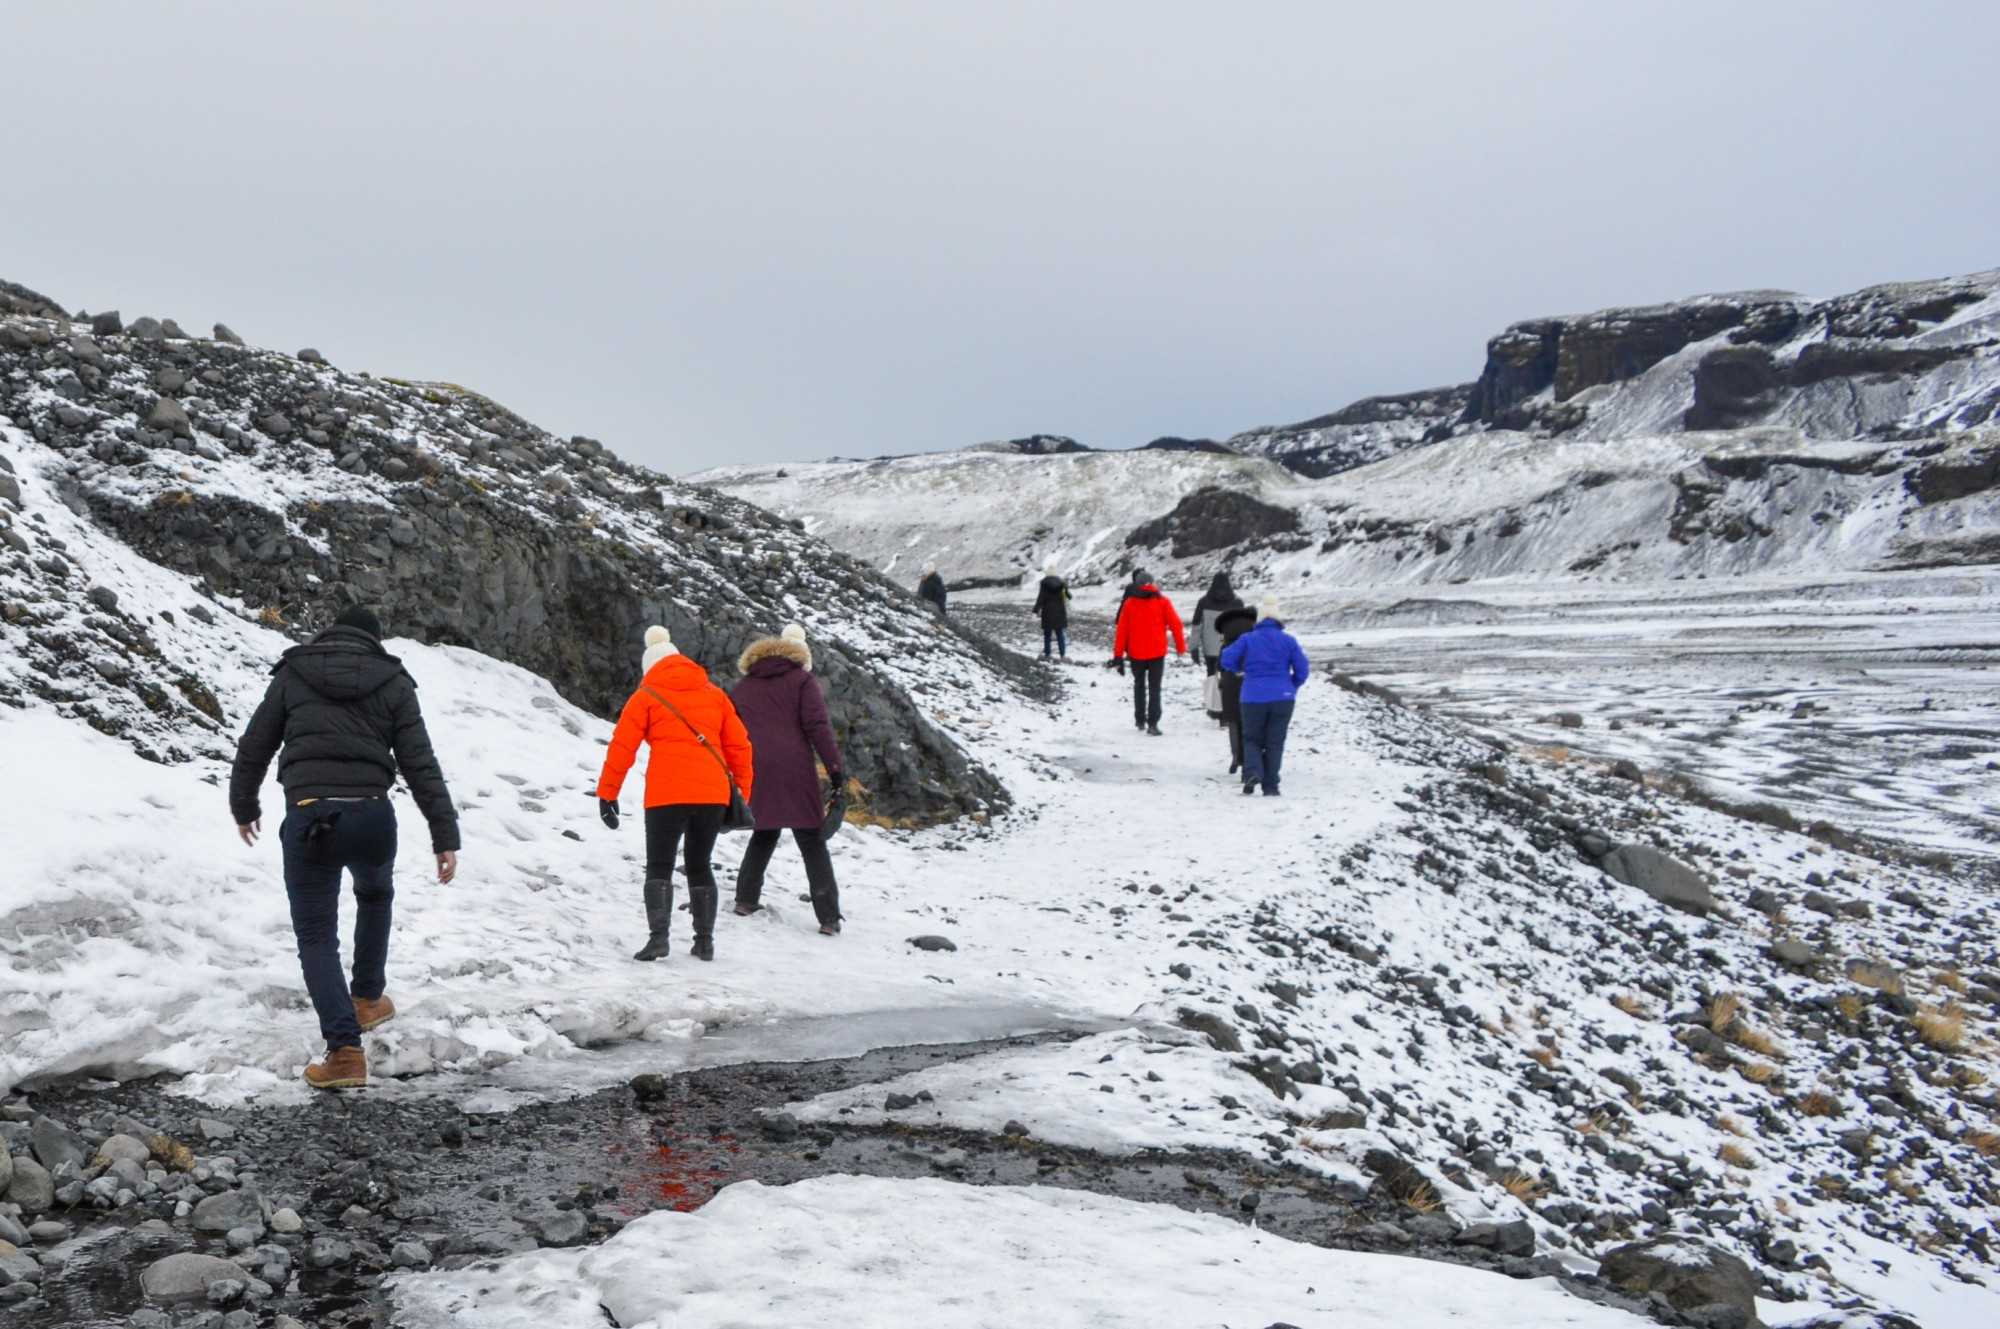 Sólheimajökull Glacier In Iceland